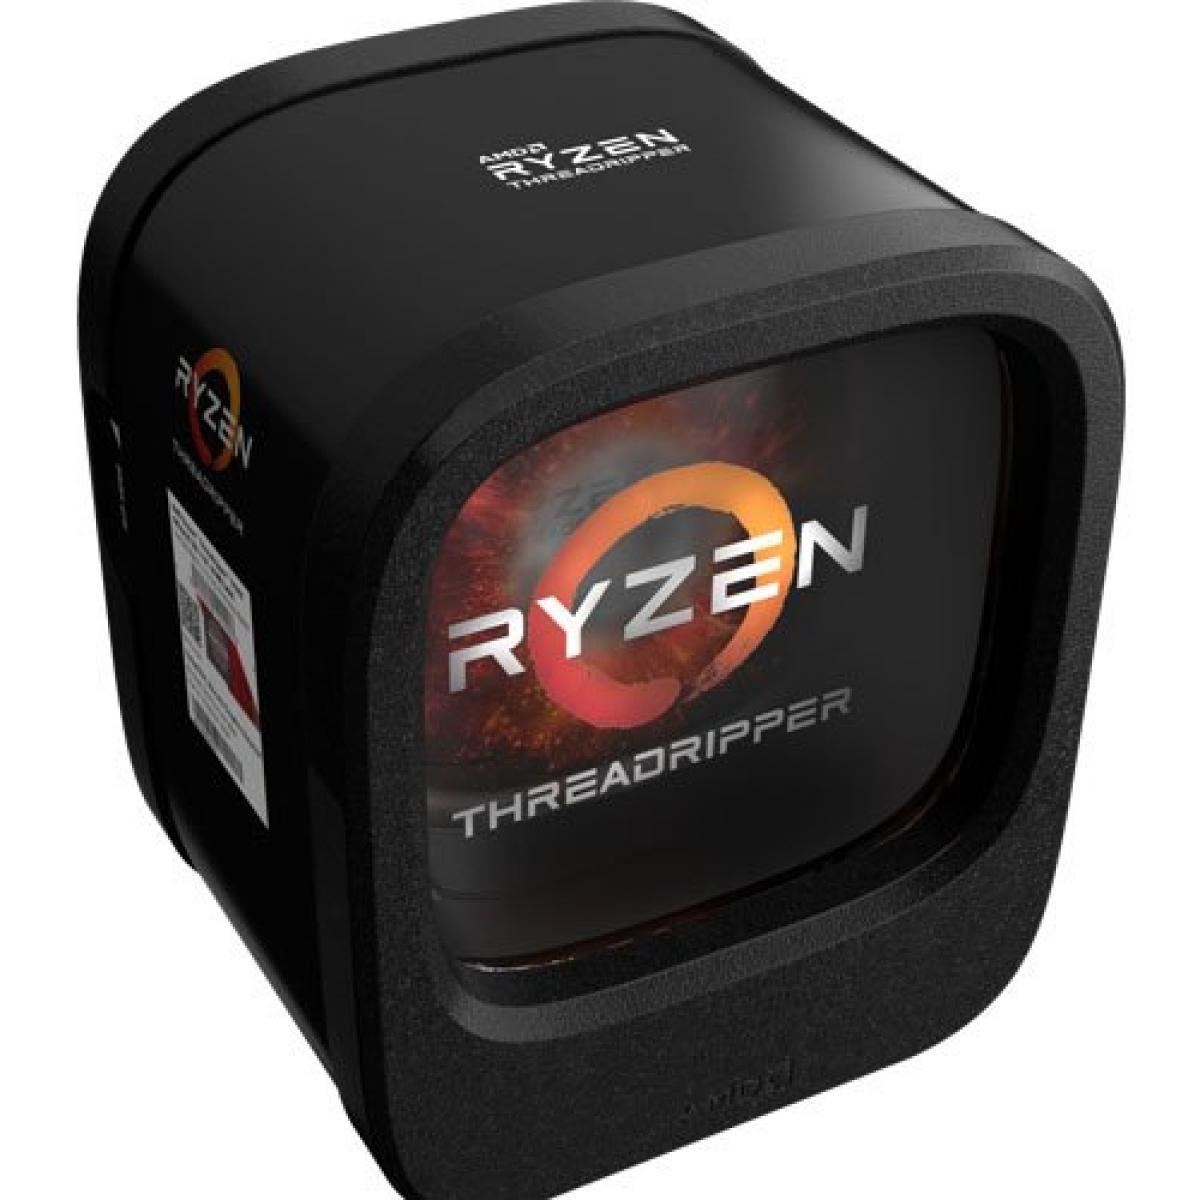 Processador AMD Ryzen Threadripper 1950X 3.4GHz (4.0GHz Turbo), 16-Core 32-Thread, TR4, YD195XA8AEWOF